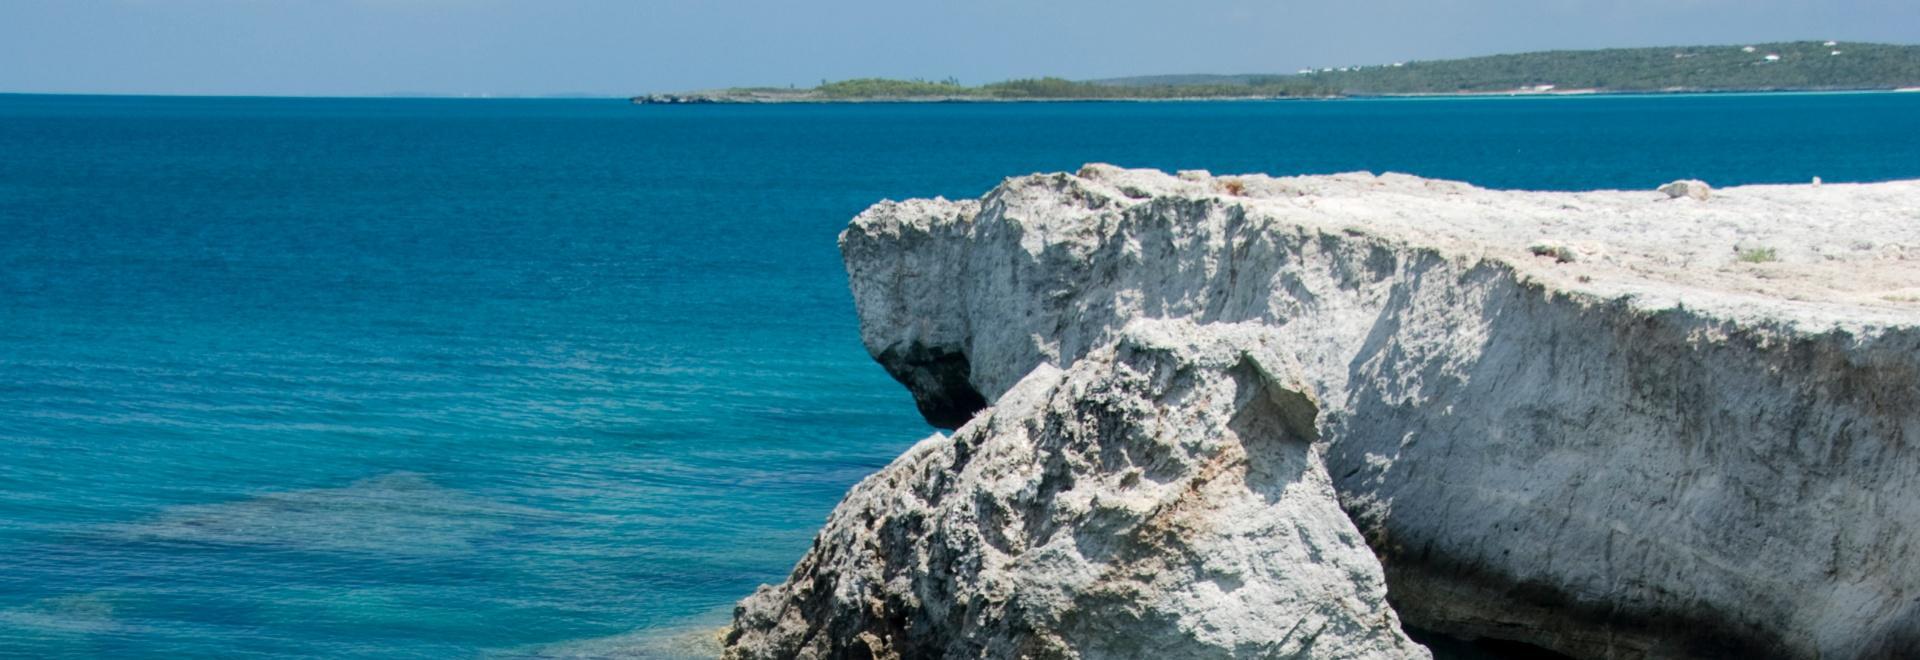 Oceani: i segreti degli abissi - Misteri nascosti